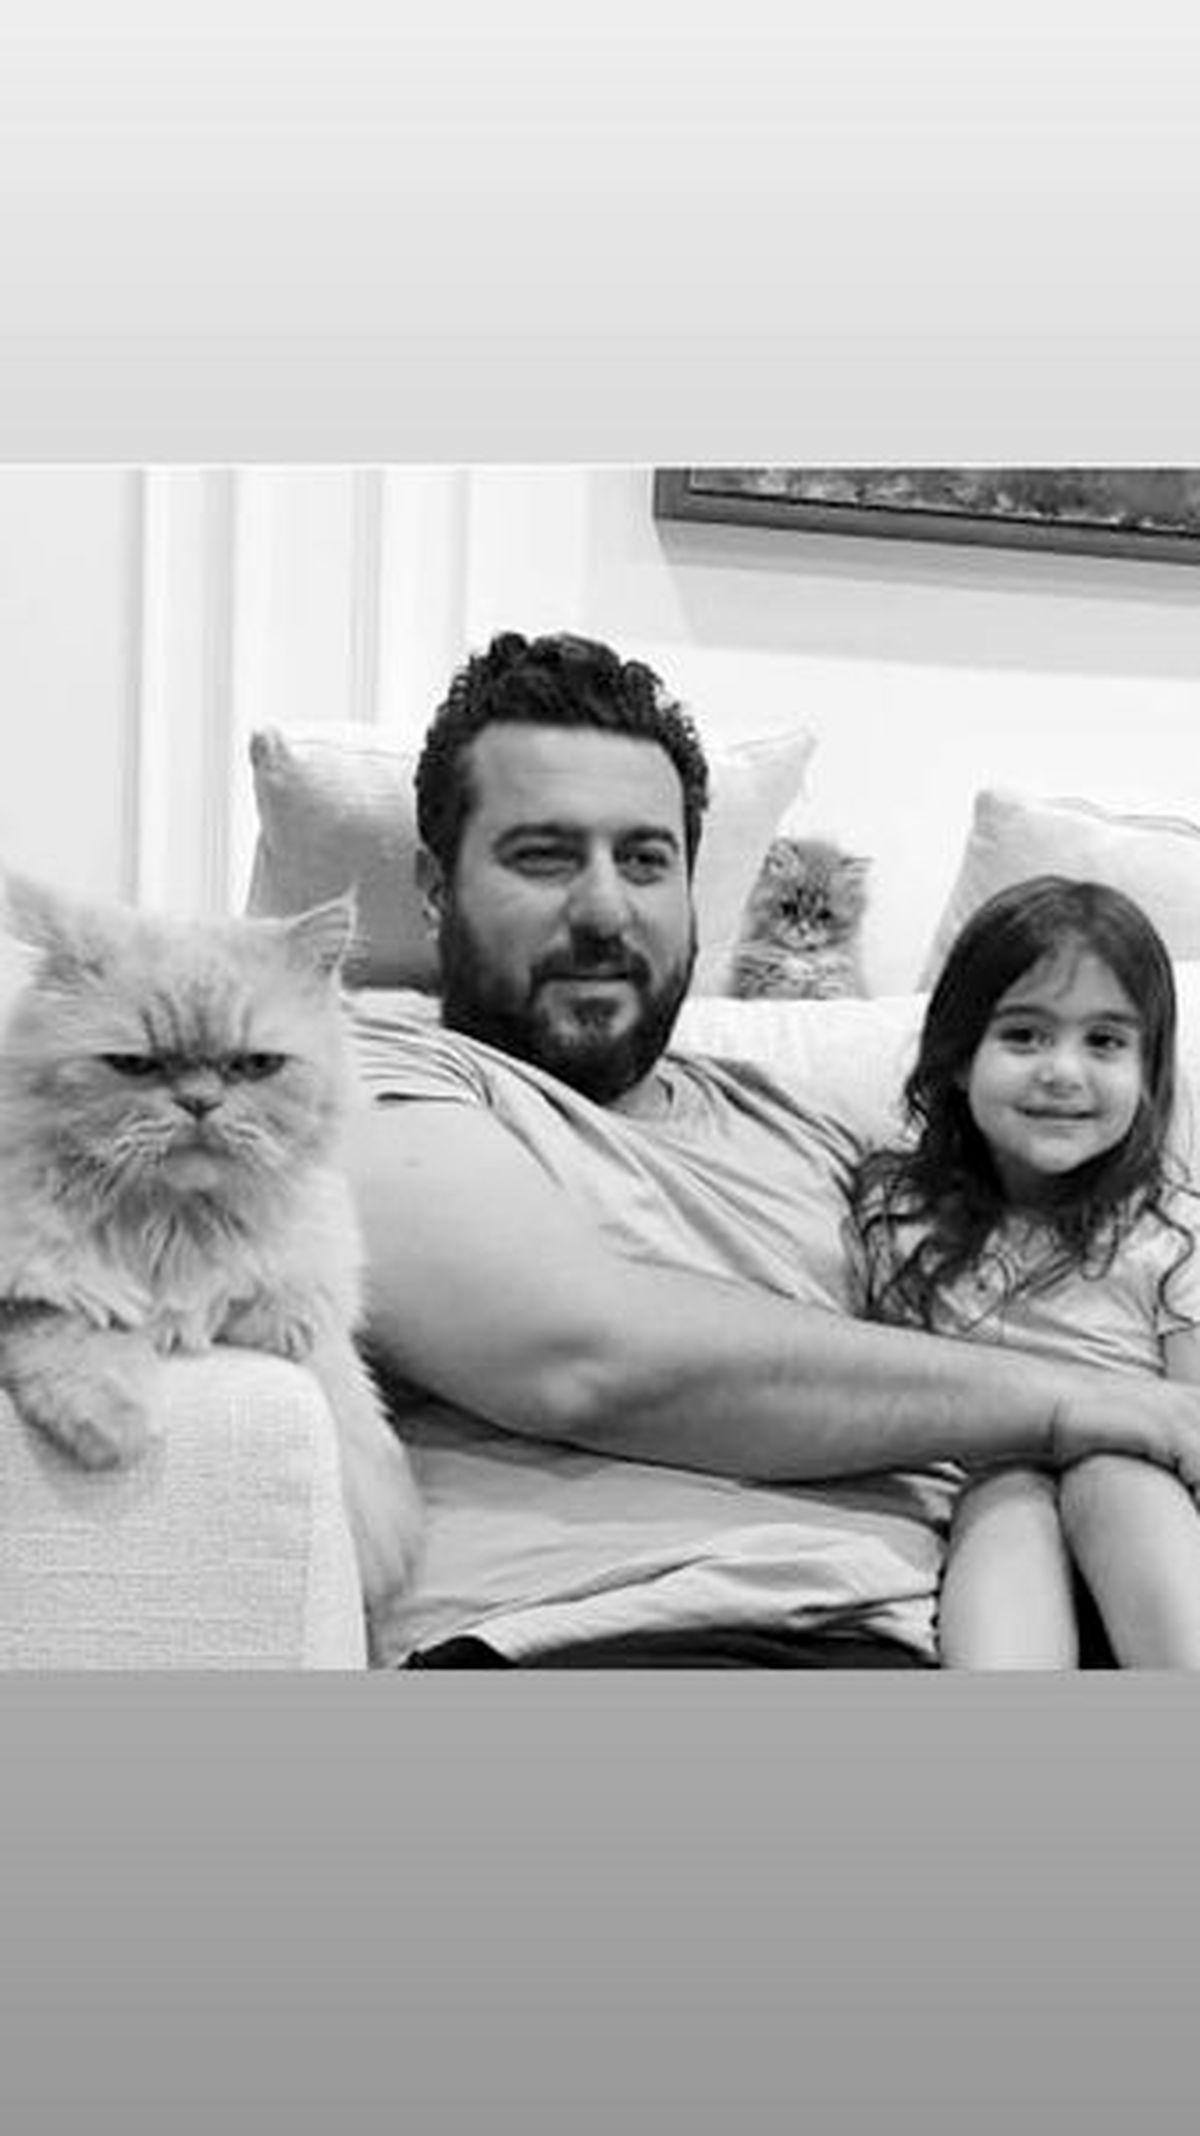 گربه های بامزه محسن کیایی در خانه لوکسش+عکس